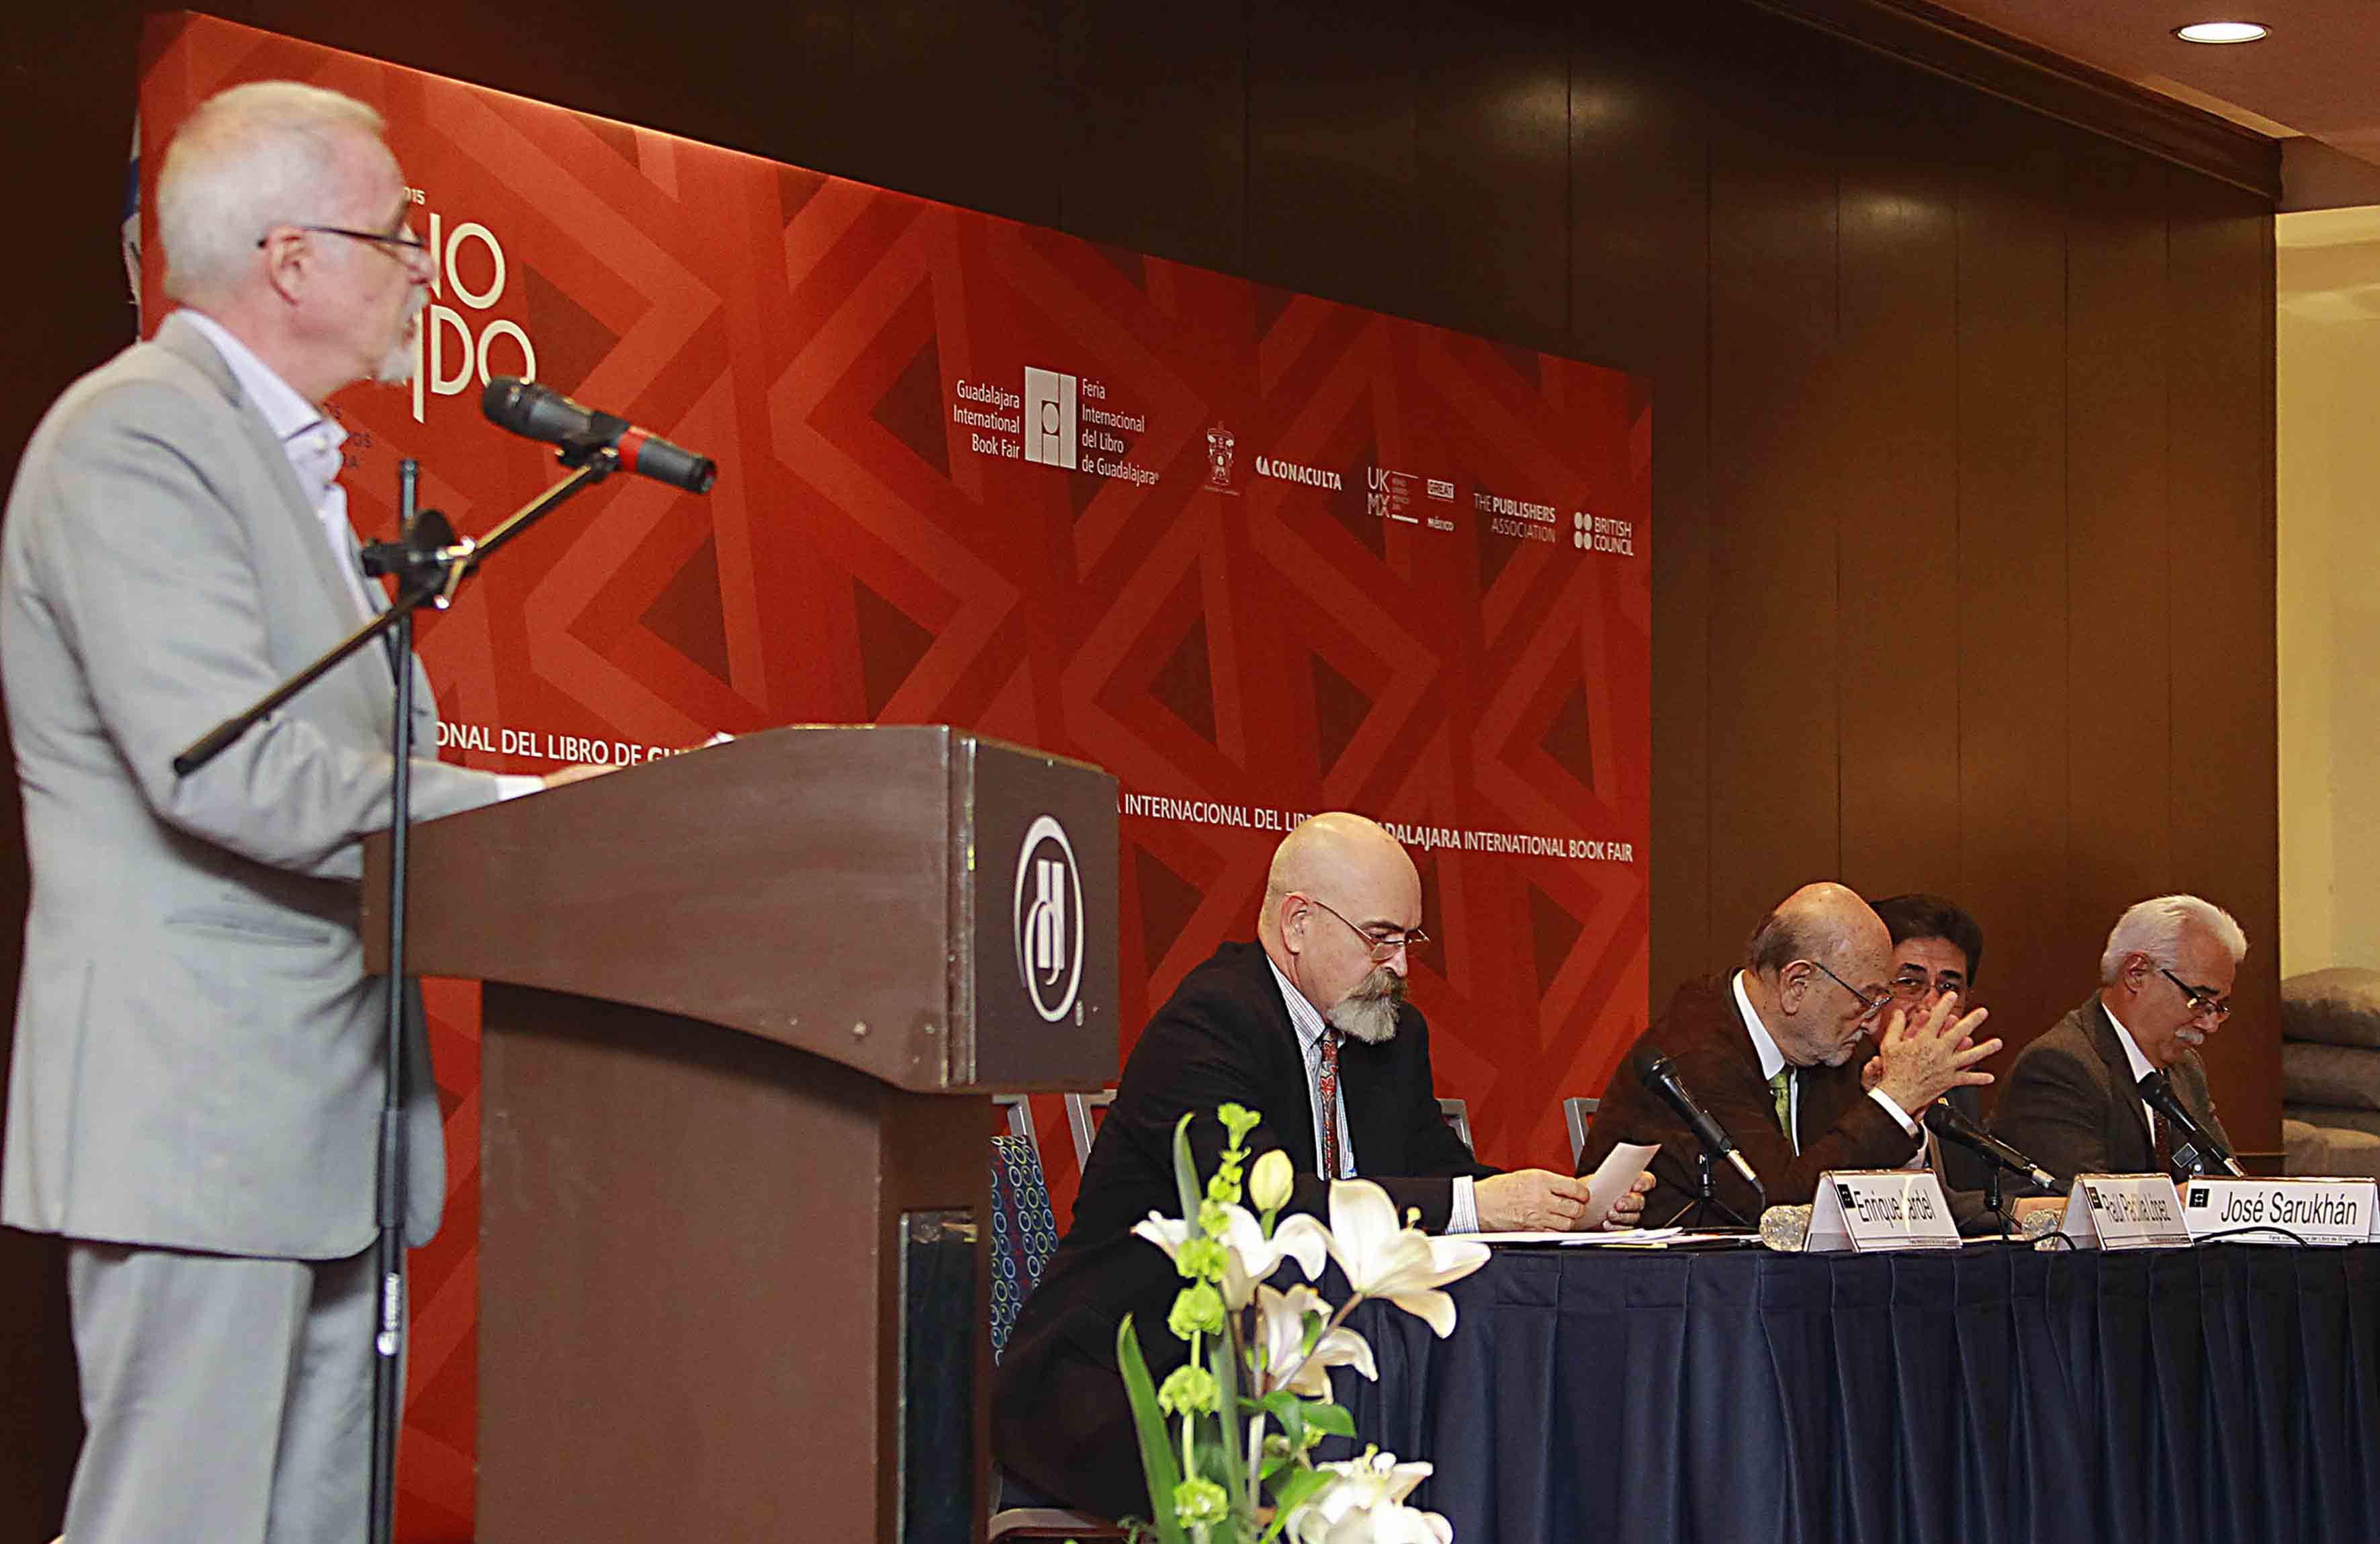 El licenciado y presidente de FIL, Raúl Padilla López en el podio